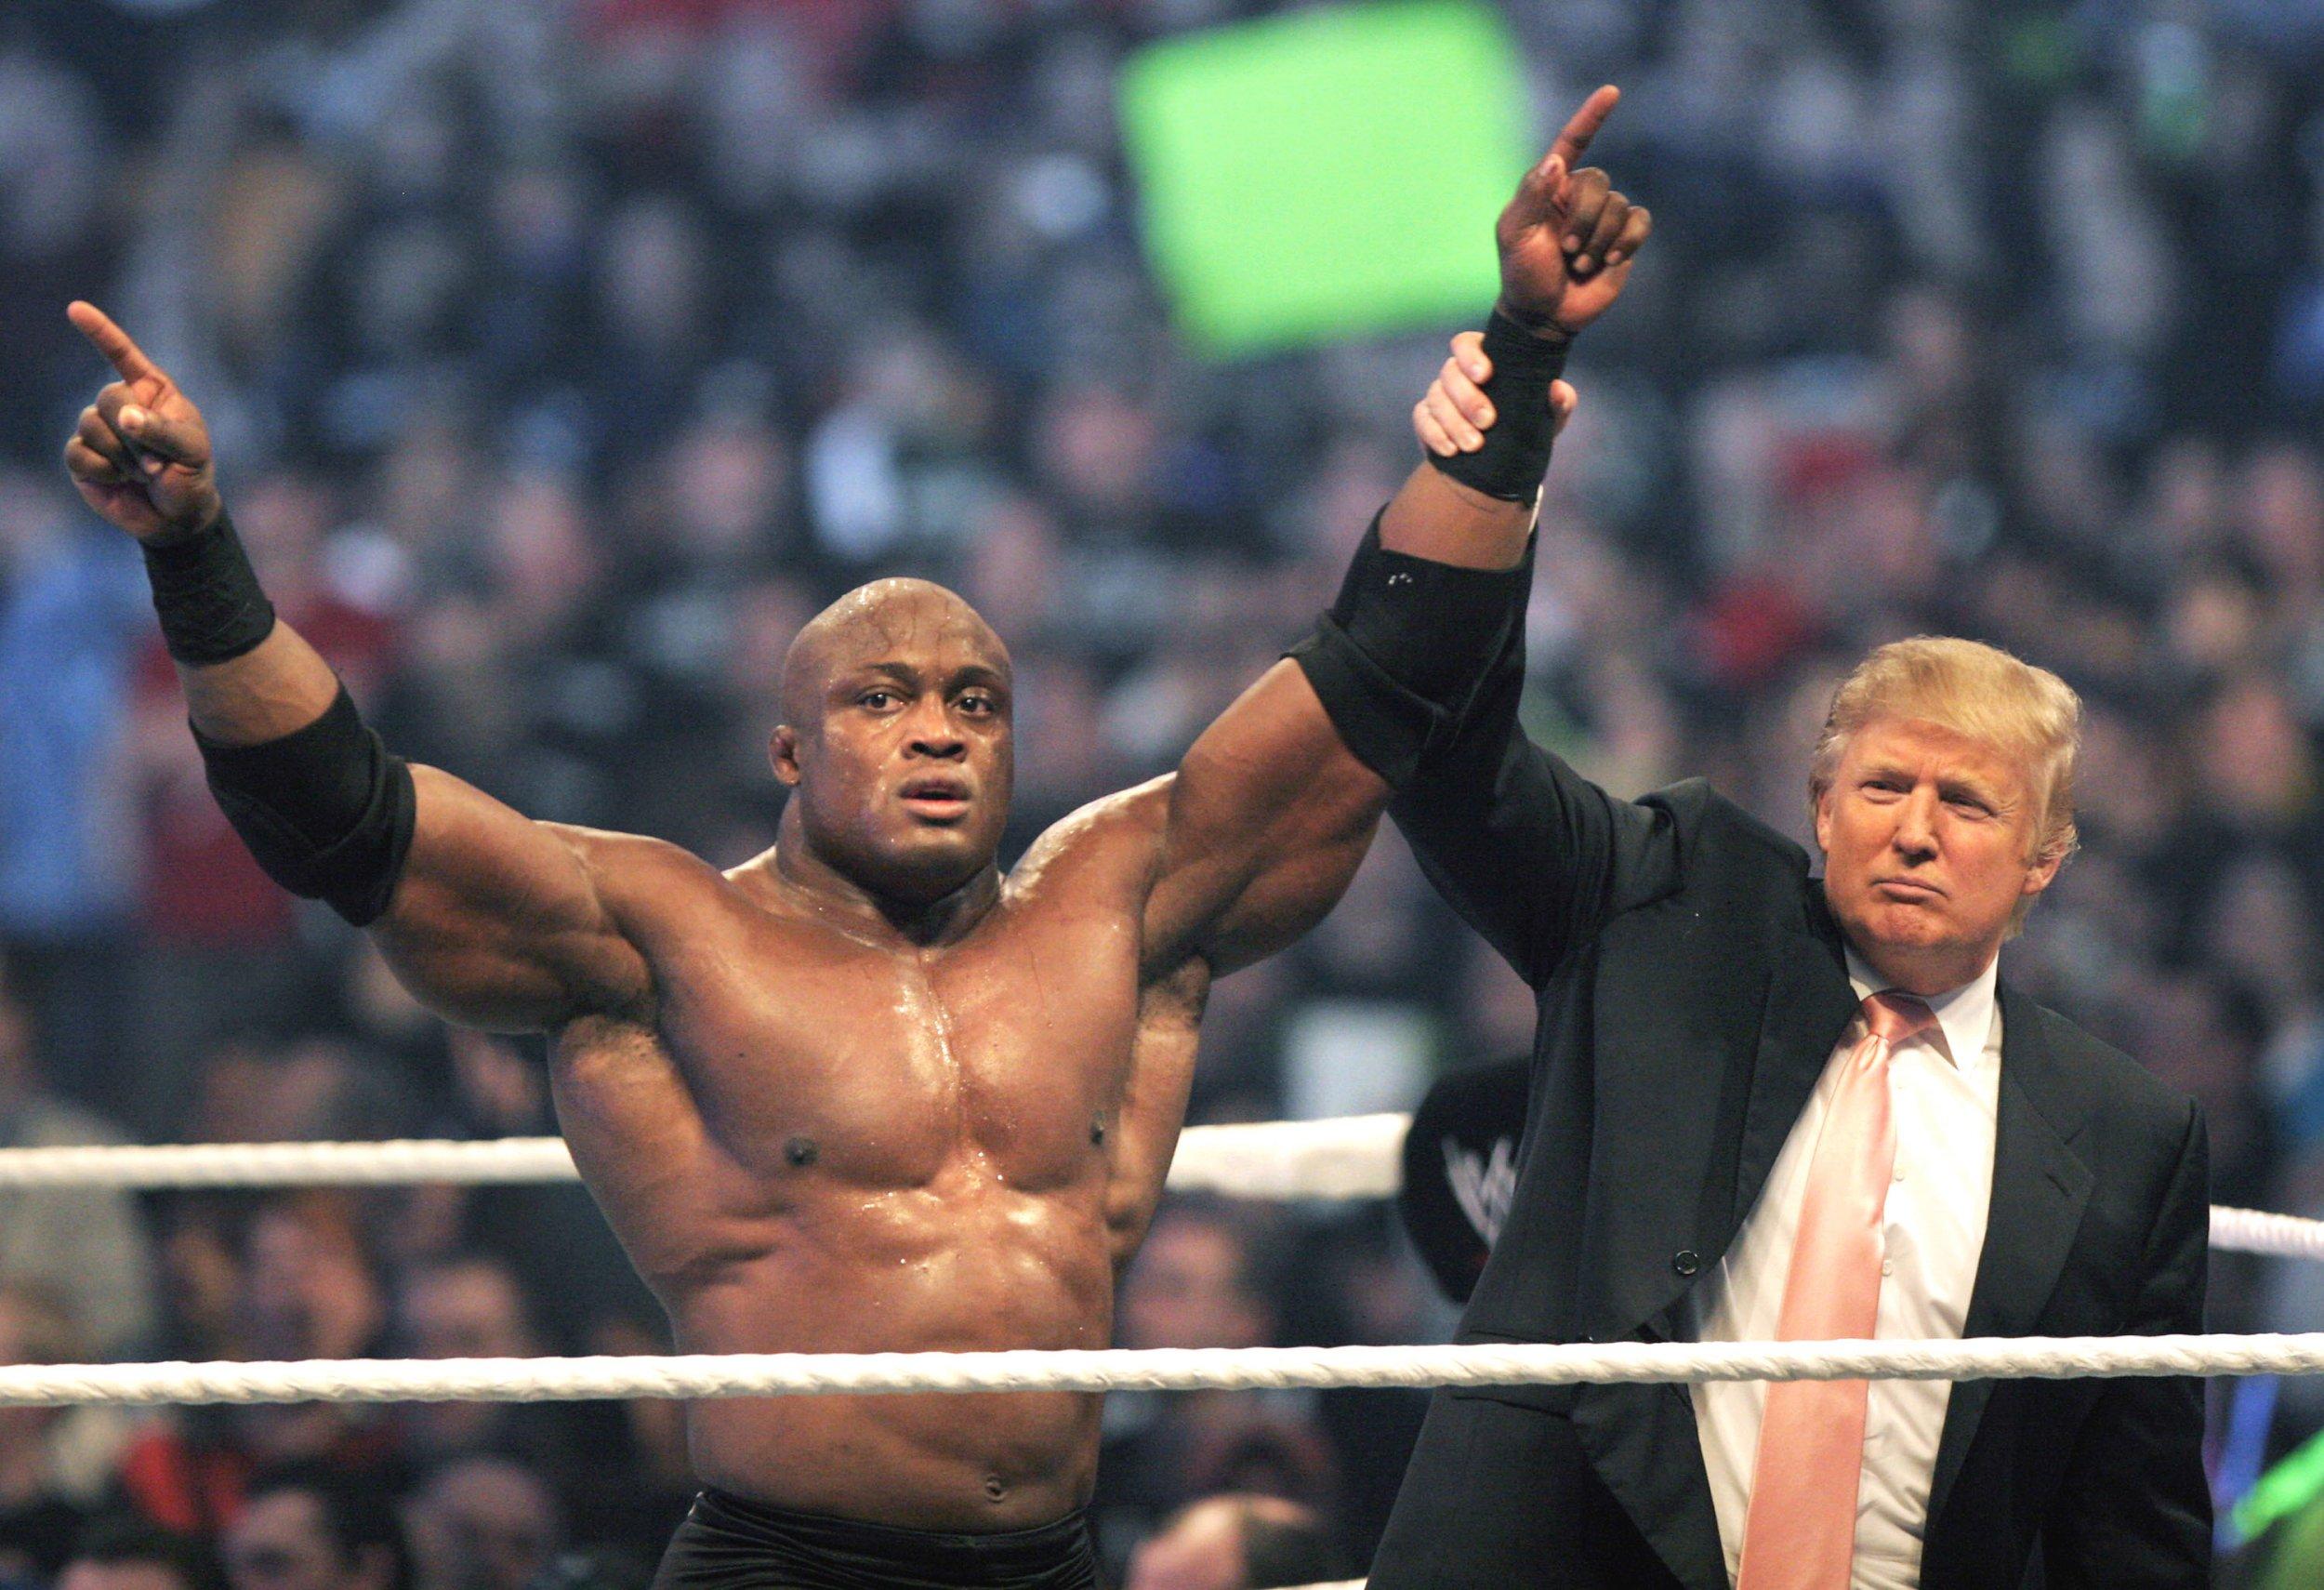 Bobby Lashley and Donald Trump